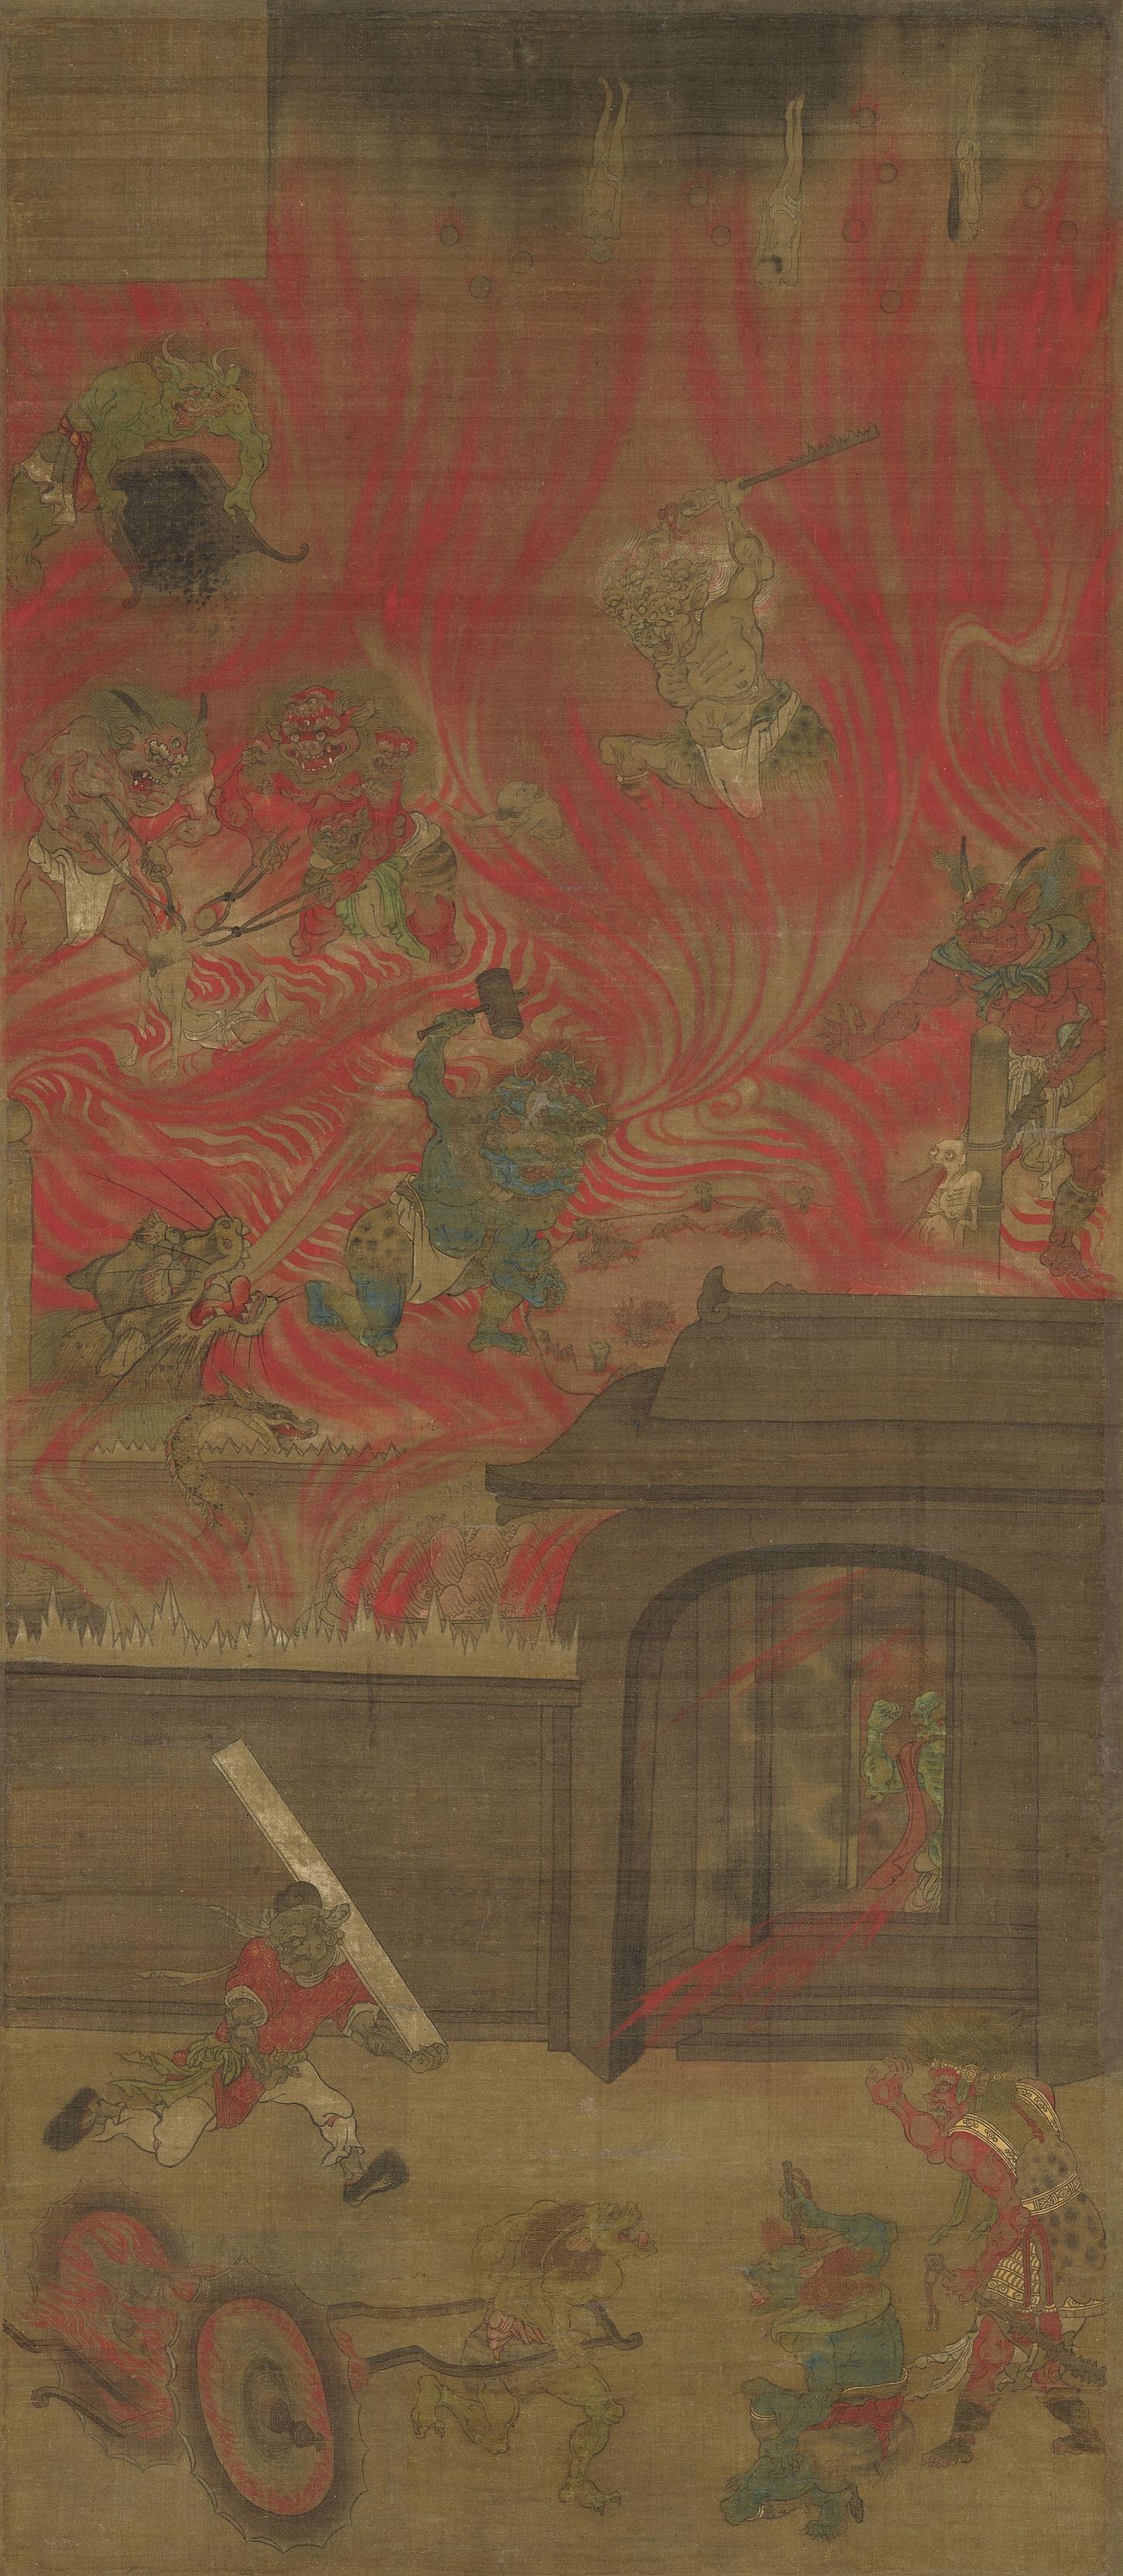 国宝《六道絵のうち阿鼻地獄》(鎌倉時代、聖衆来迎寺)